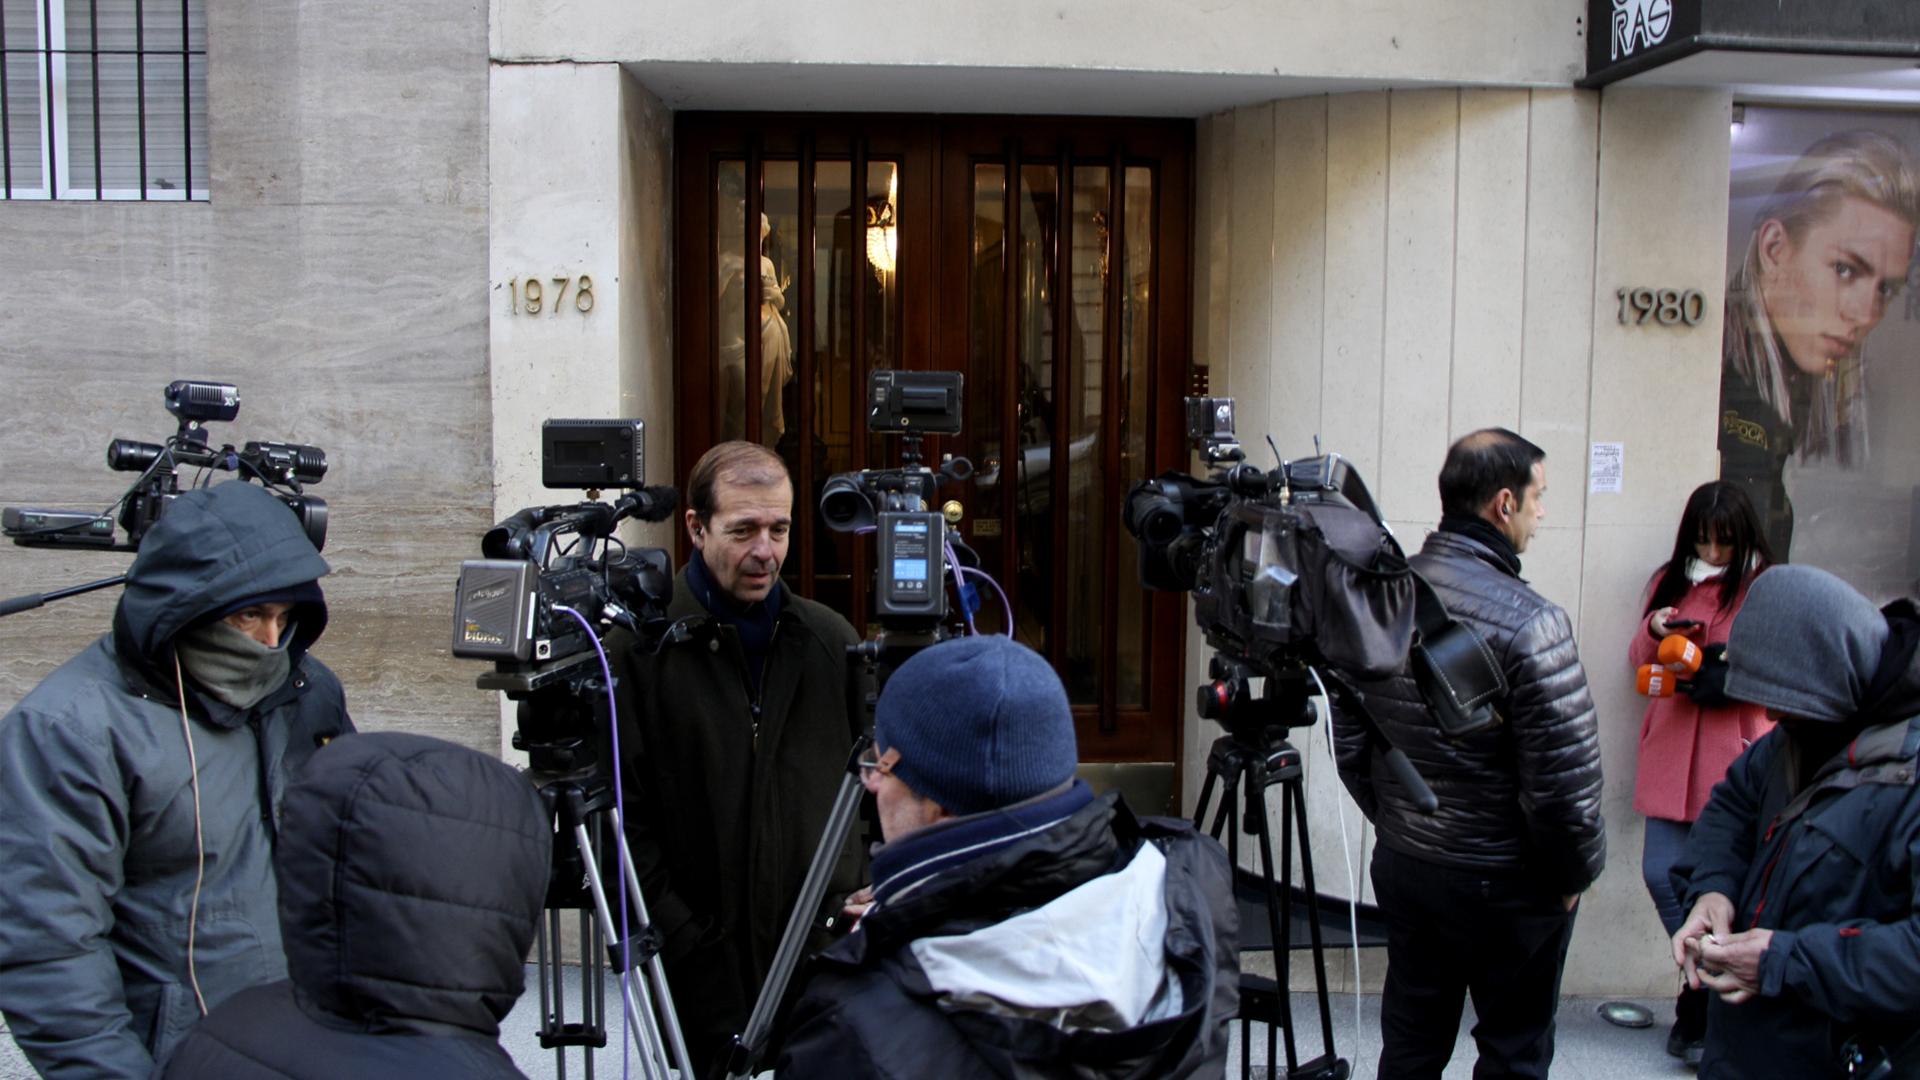 El edificio donde vive el ex juez Oyarbide amaneció hoy con una guarda periodística y con gendarmes en el interior del edificio